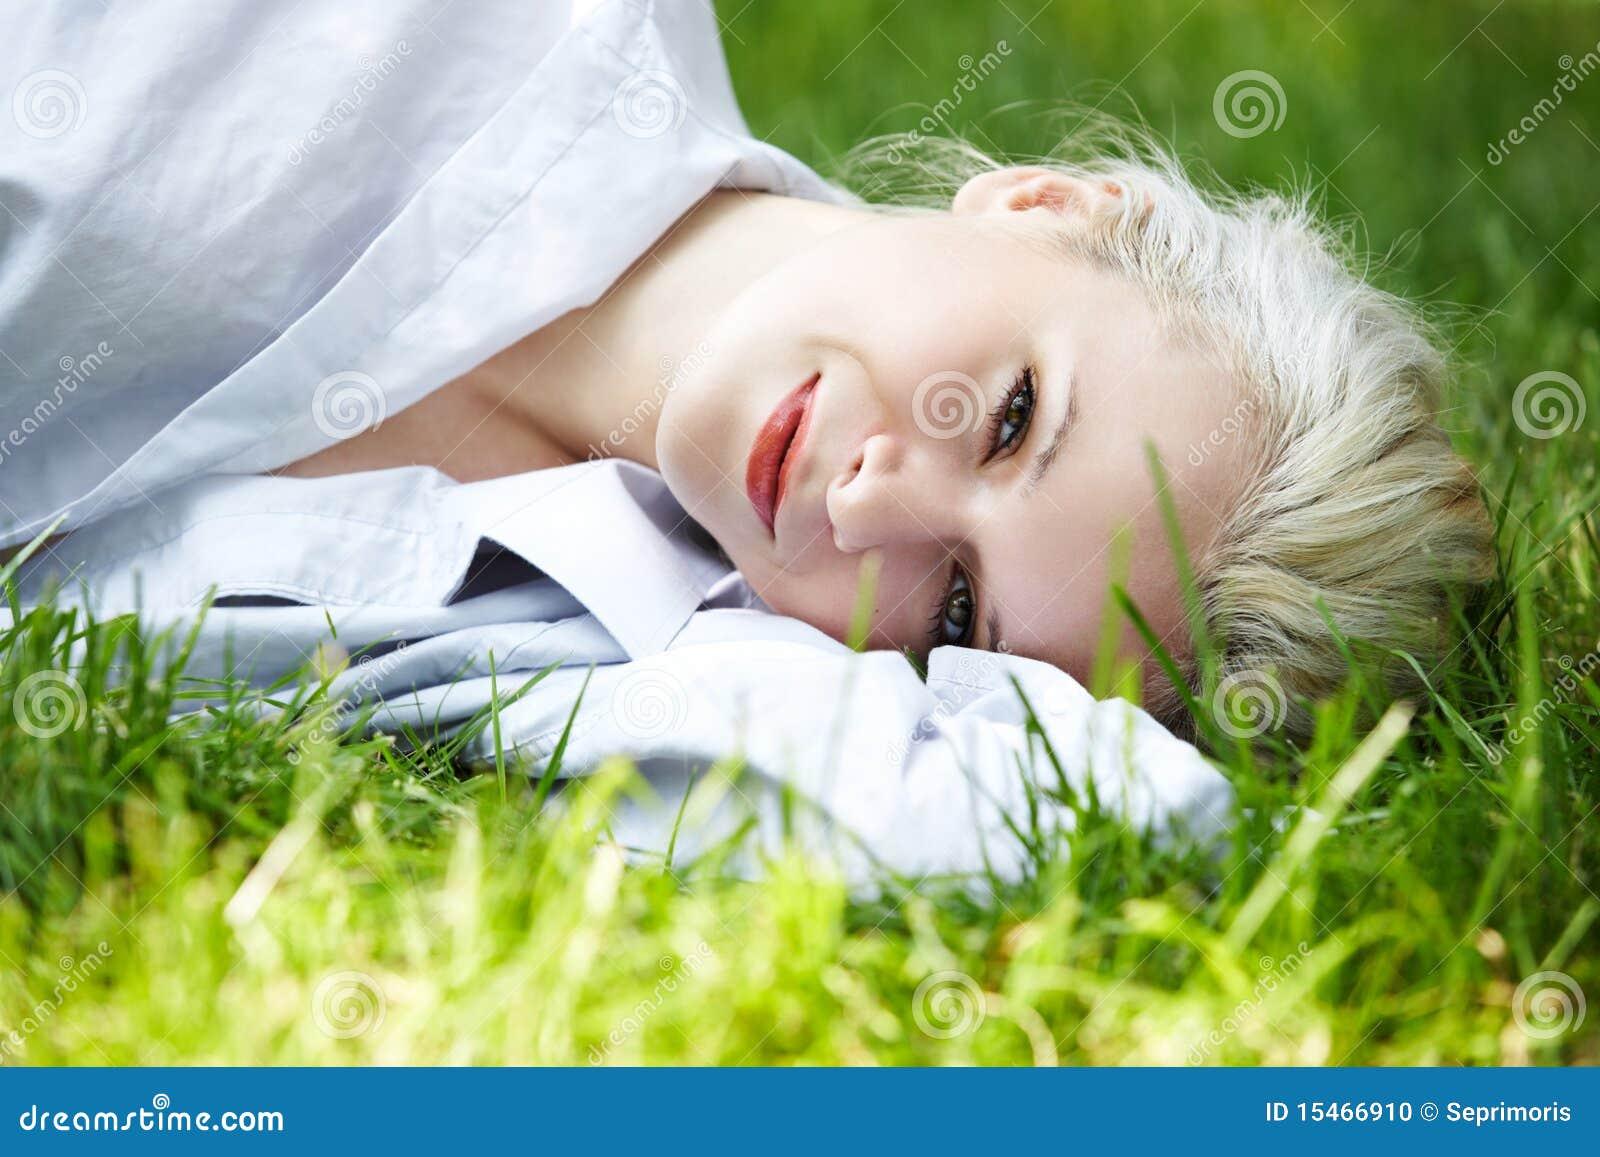 Wohl. Glückliche lächelnde Frau hat Rest auf Gras